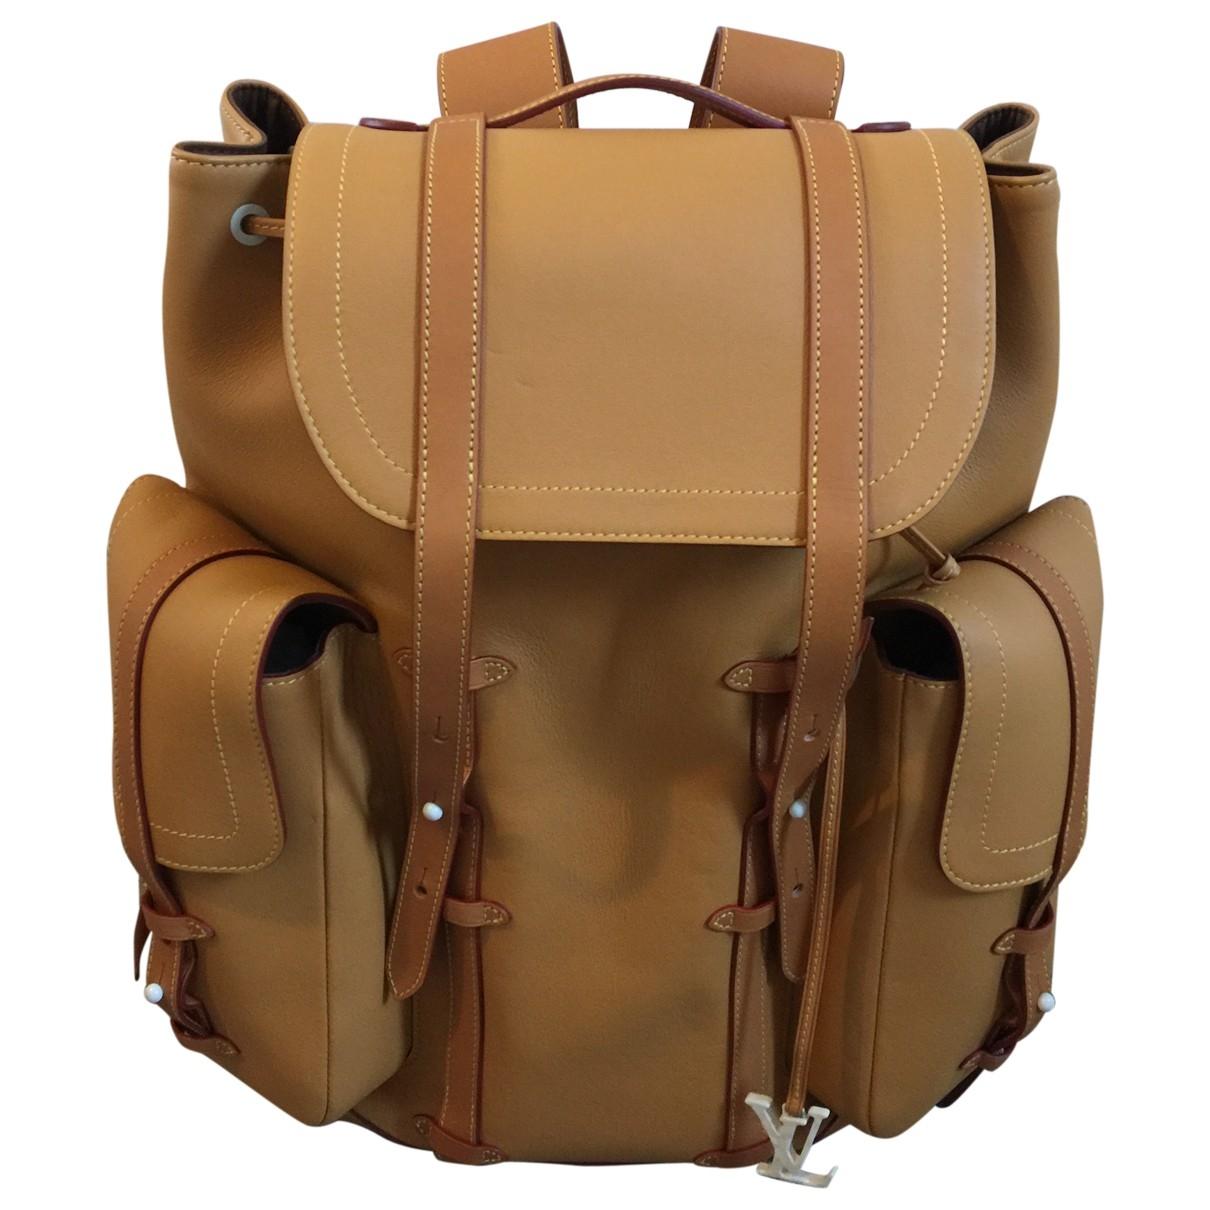 Louis Vuitton - Sac Christopher Backpack pour homme en cuir - beige